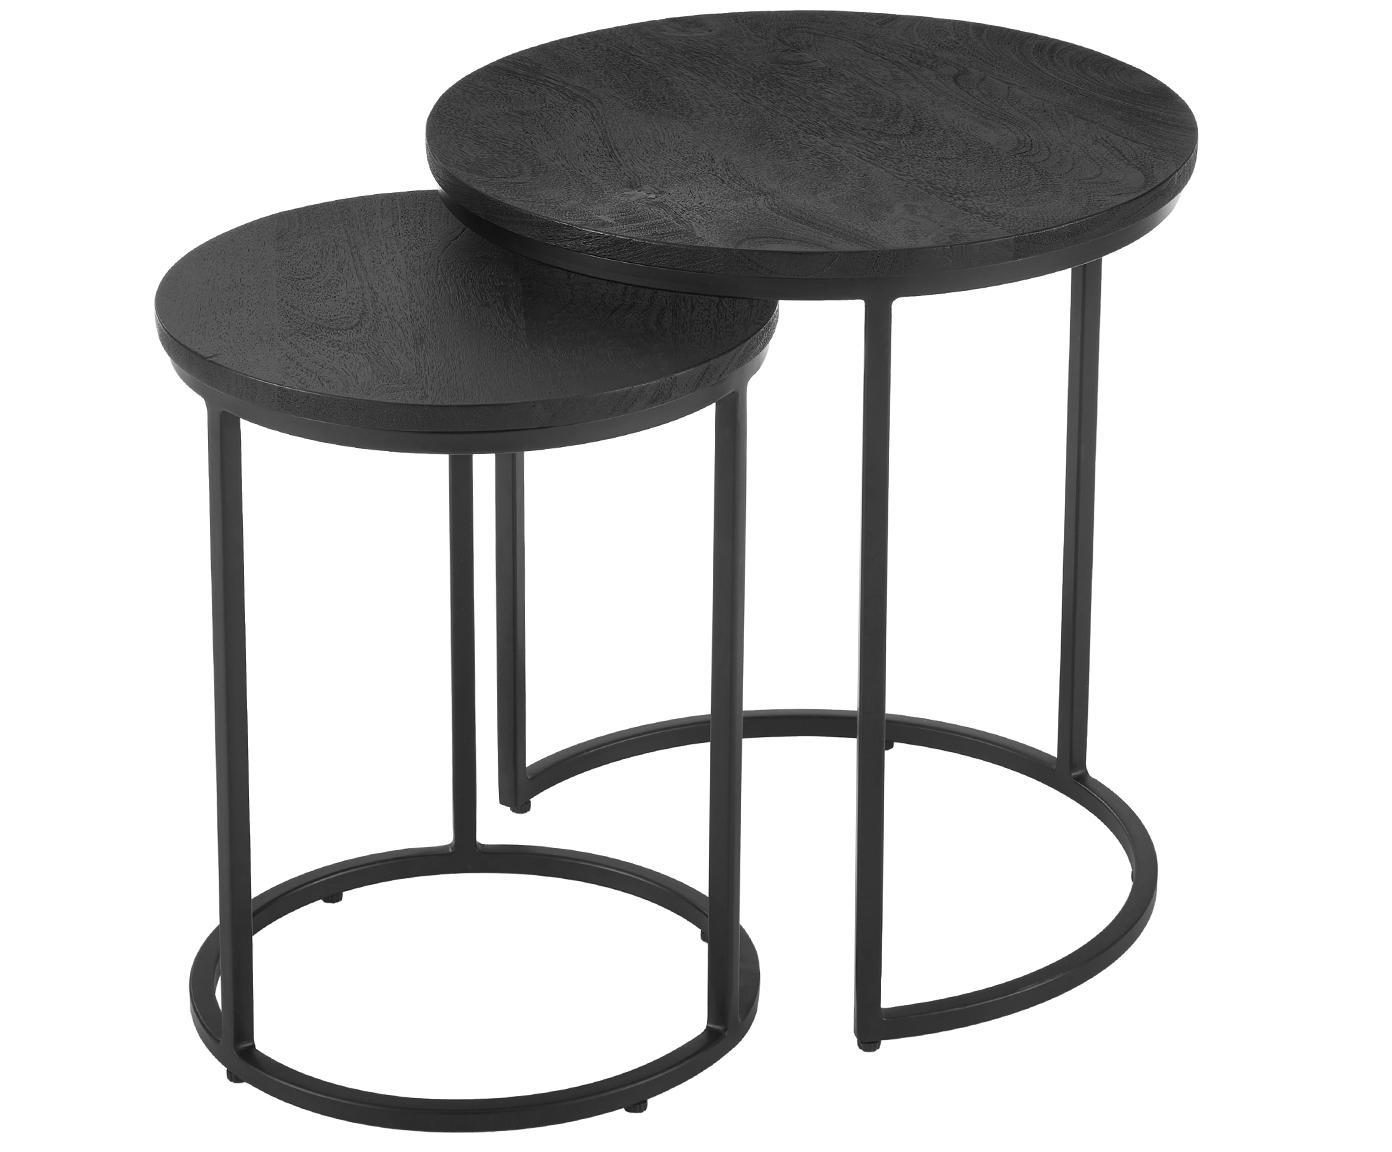 Set 2 tavolini rotondi neri Andrew, Struttura: metallo verniciato a polv, Ripiani: legno di mango, nero verniciato Struttura: nero opaco, Diverse dimensioni